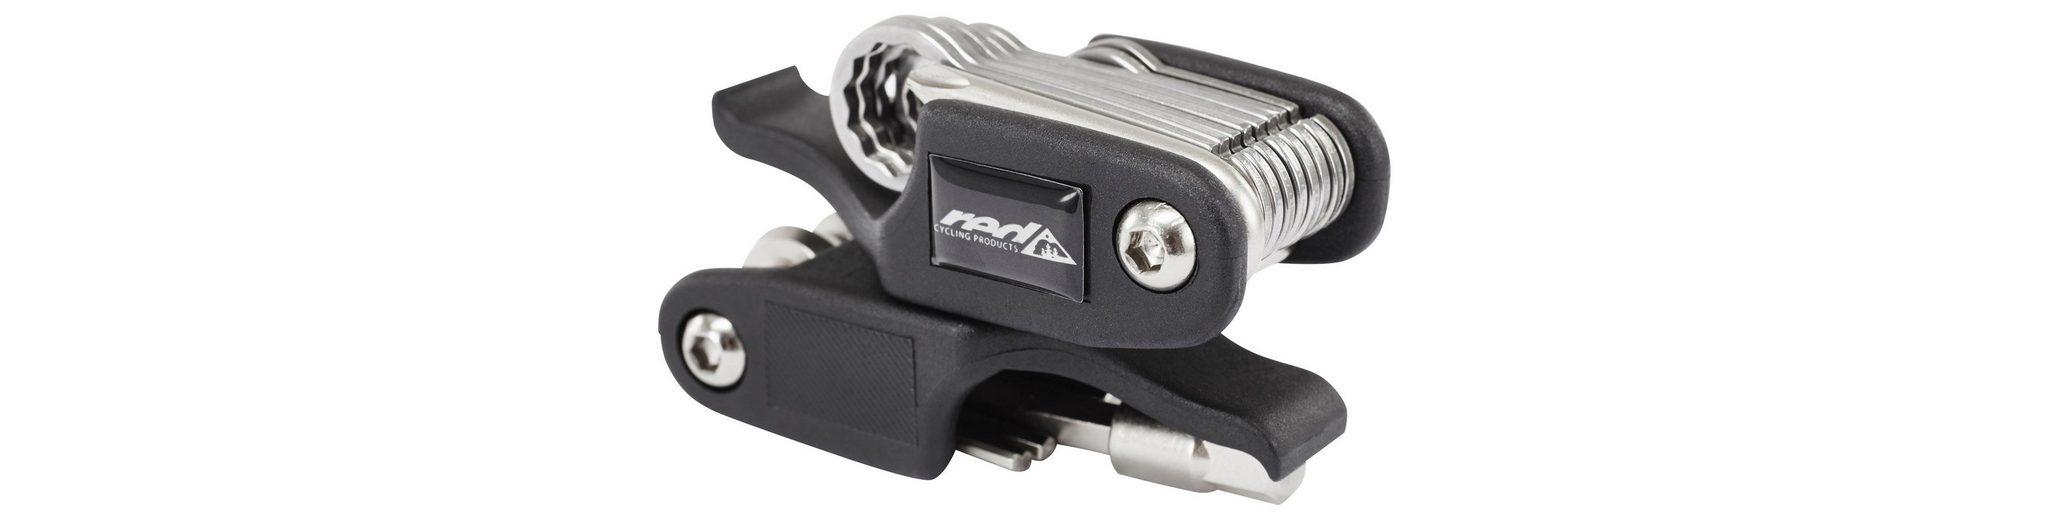 Red Cycling Products Werkzeug & Montage »Tool Comp II Miniwerkzeug«